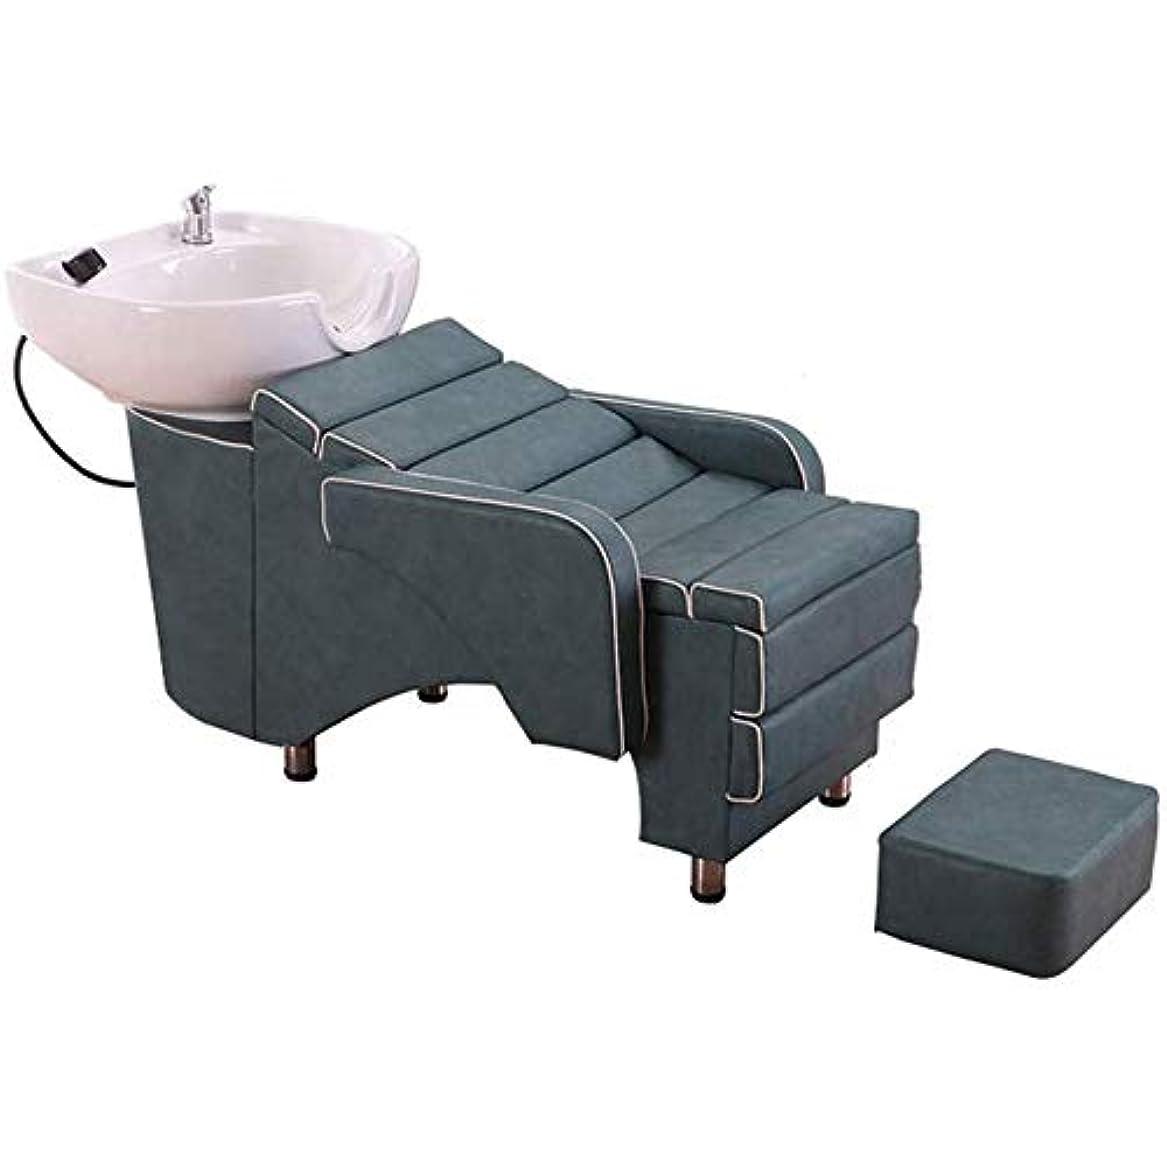 赤面脇に認可シャンプー理容室逆洗椅子、逆洗ユニットシャンプーボウル理髪シンク椅子用スパビューティーサロン機器理髪店専用